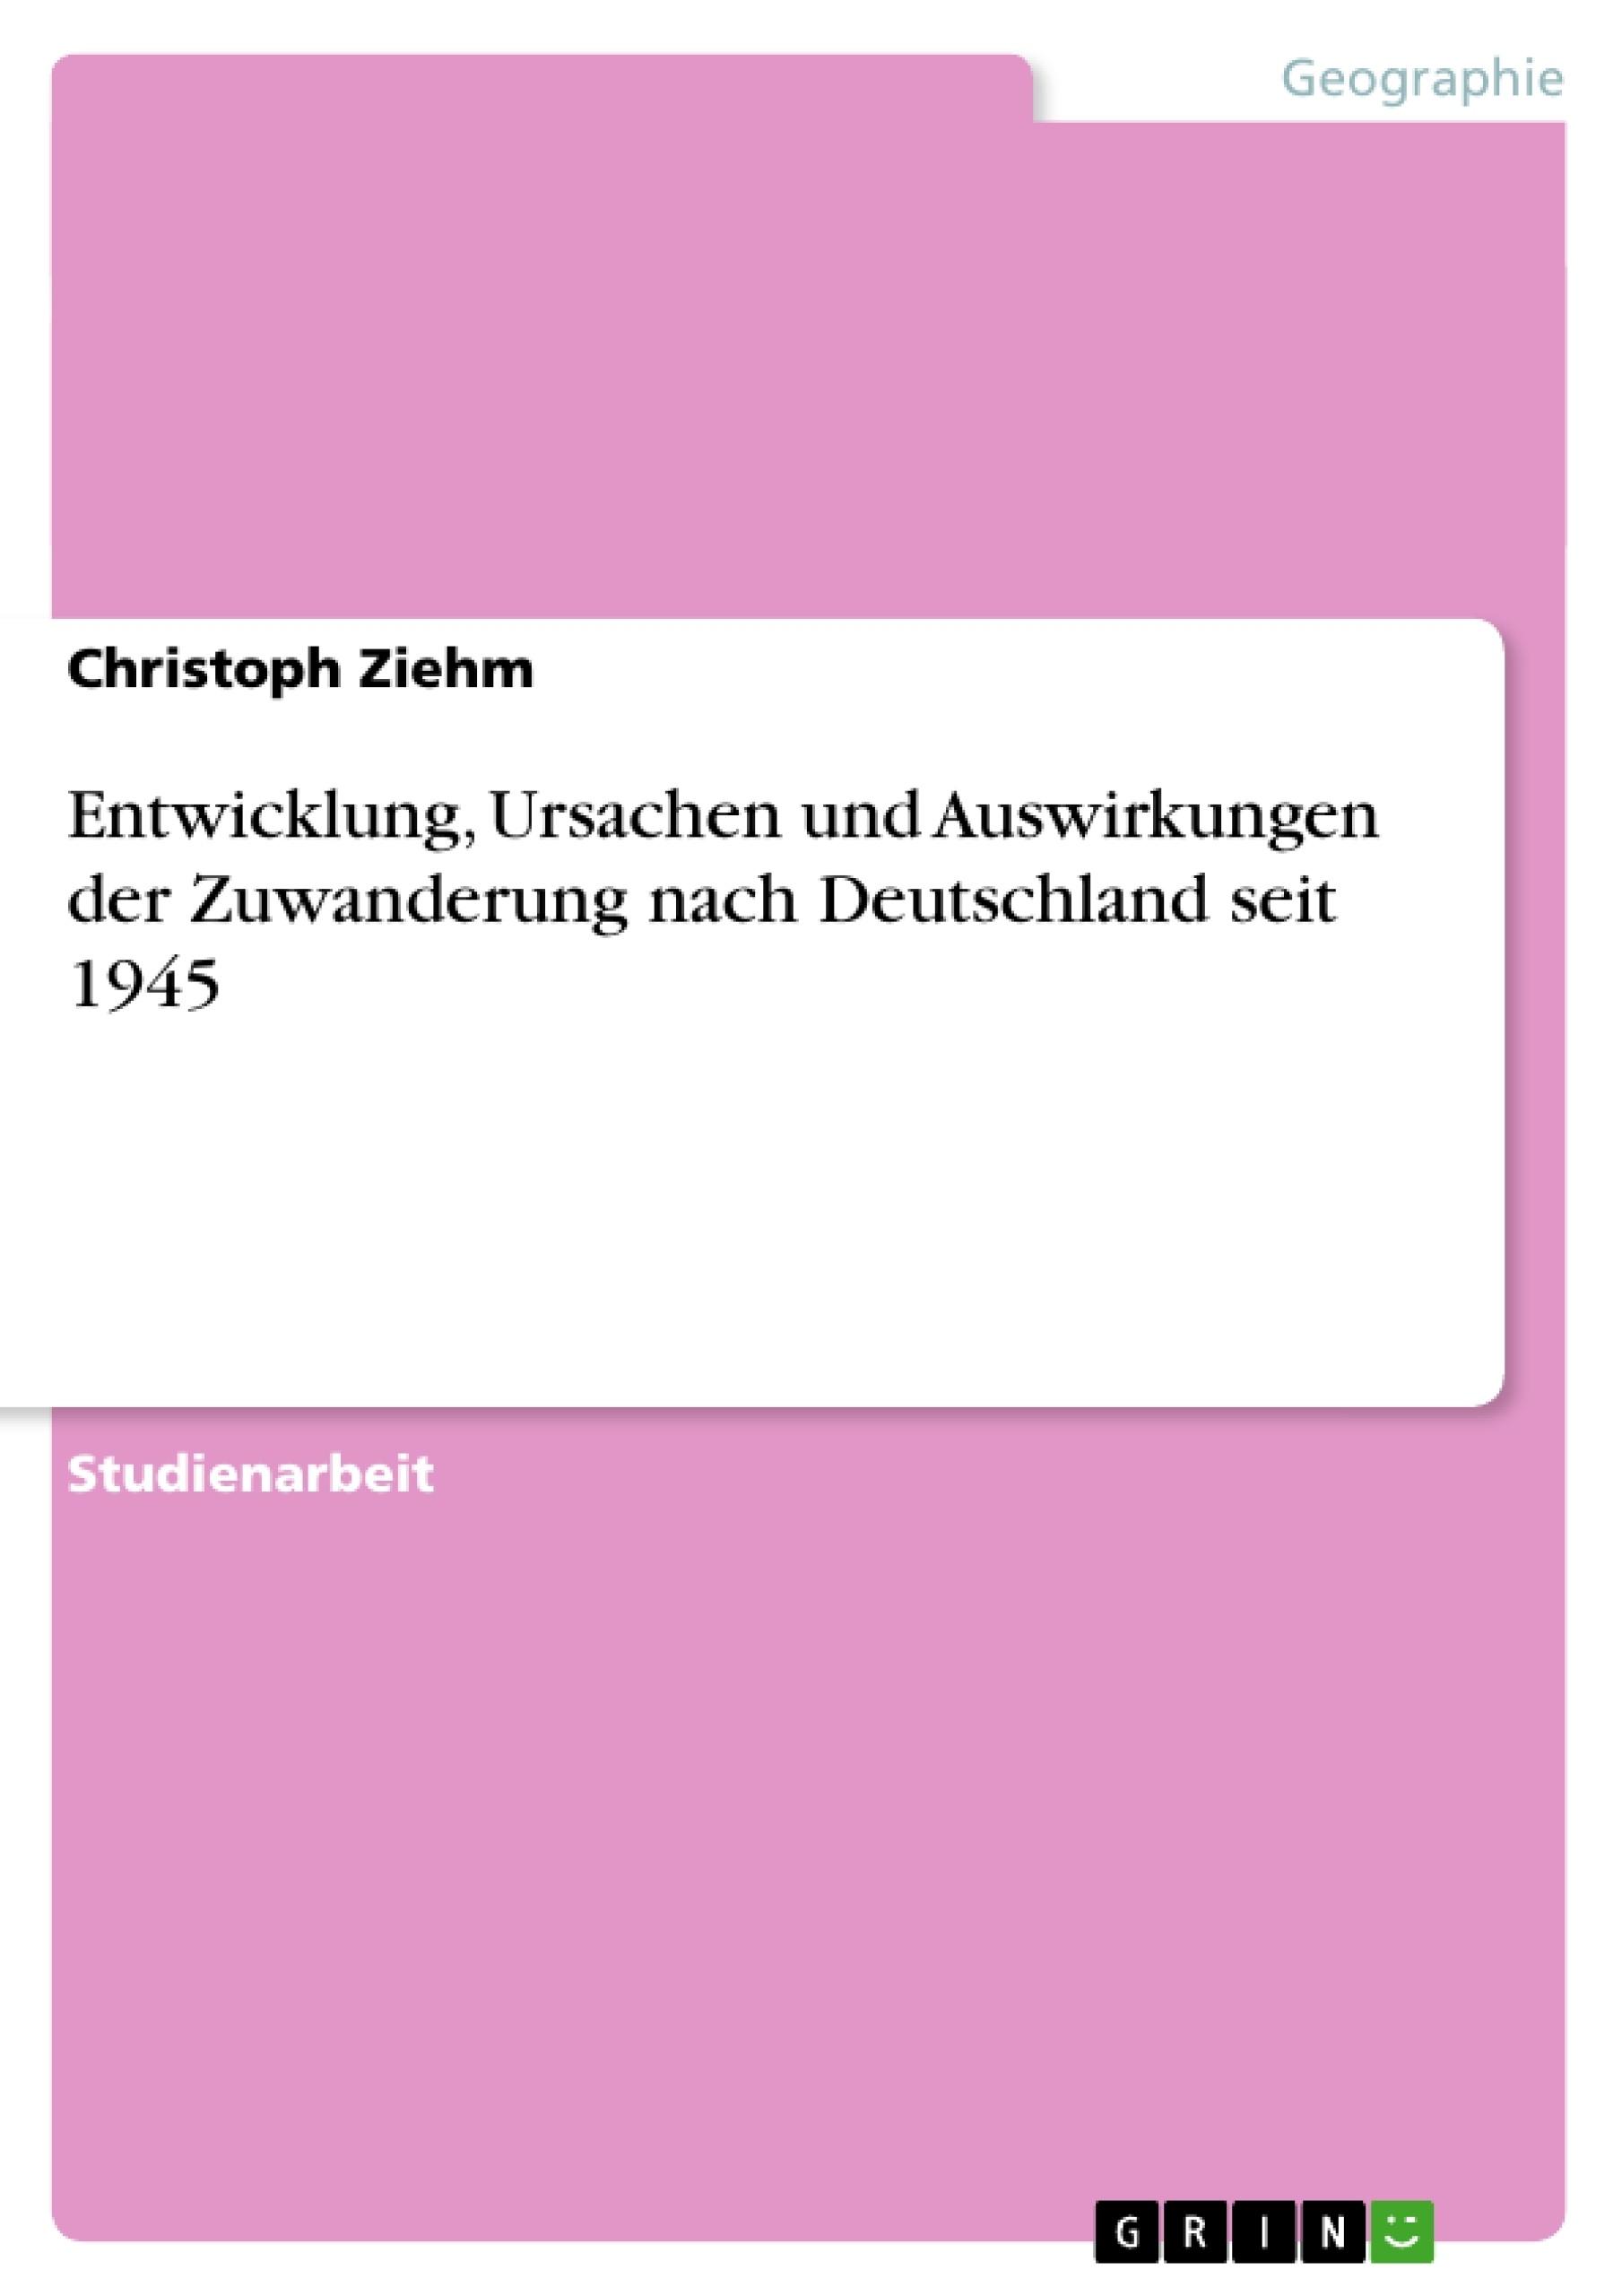 Titel: Entwicklung, Ursachen und Auswirkungen der Zuwanderung nach Deutschland seit 1945